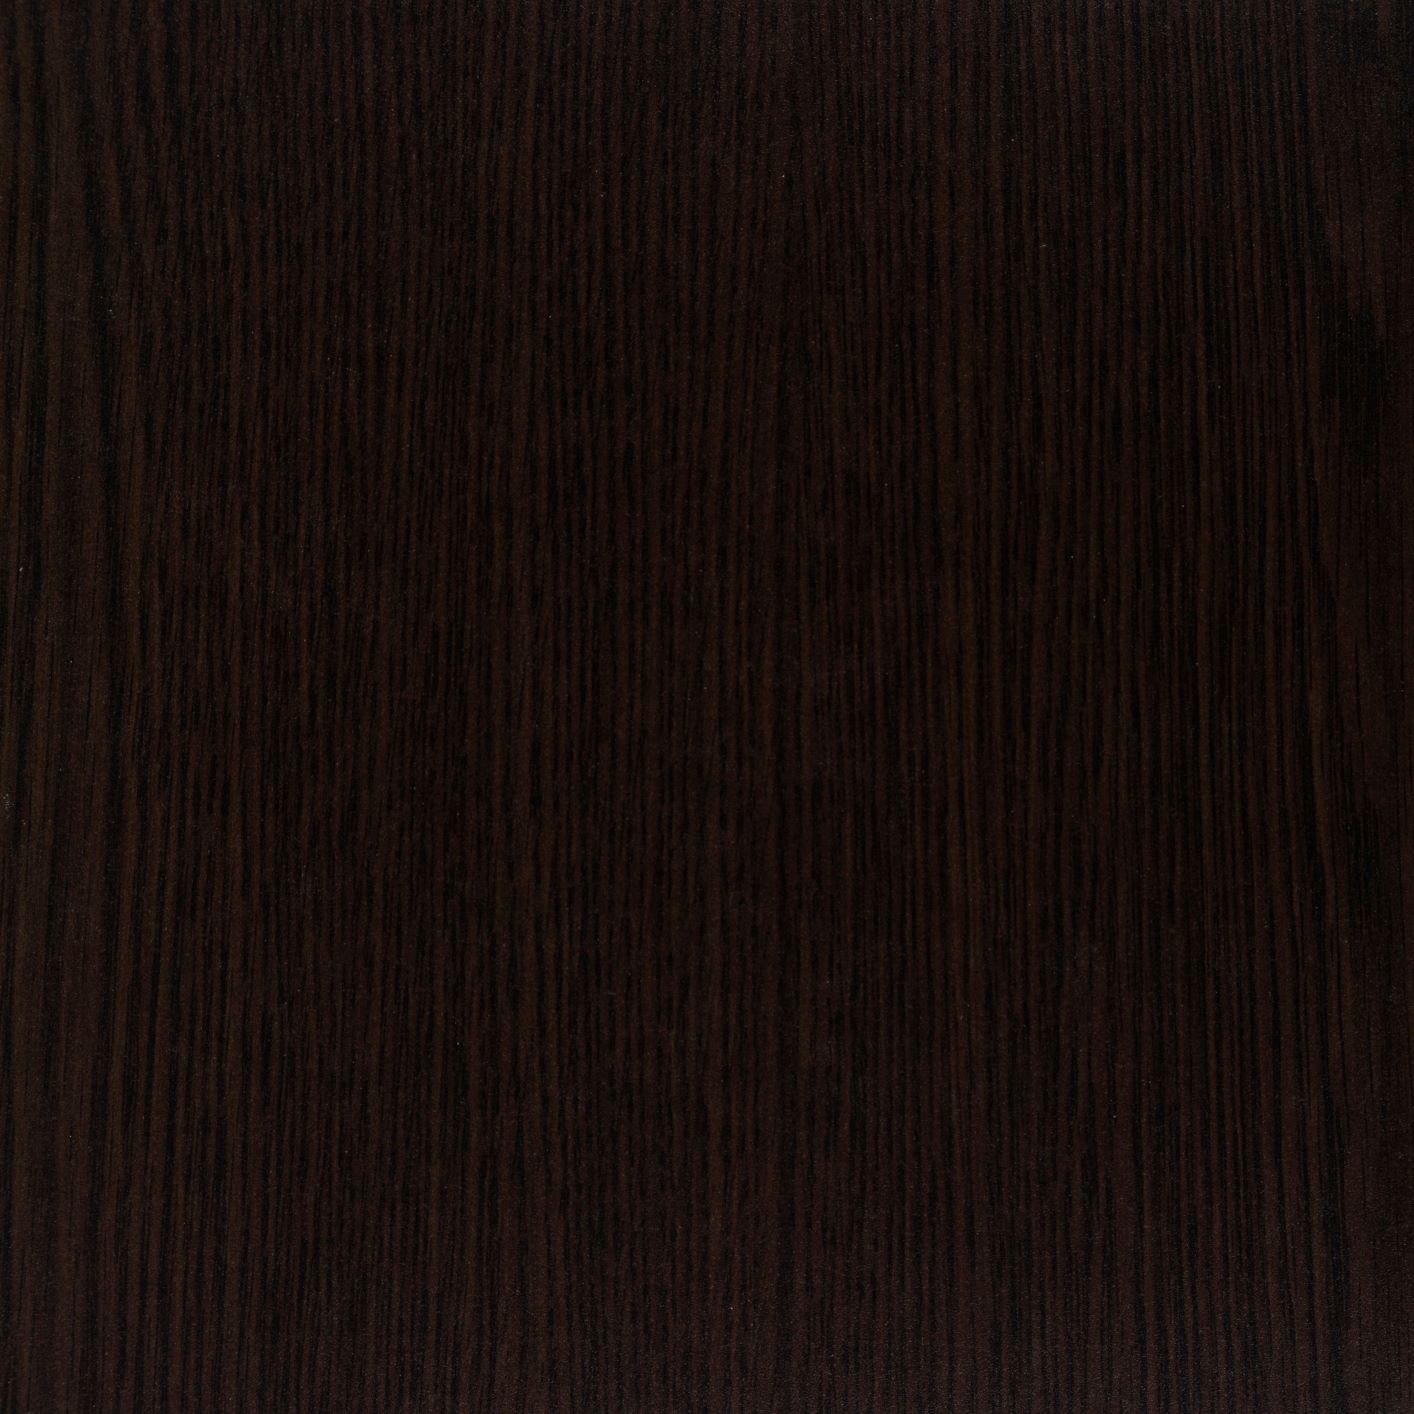 08-Shadow Oak